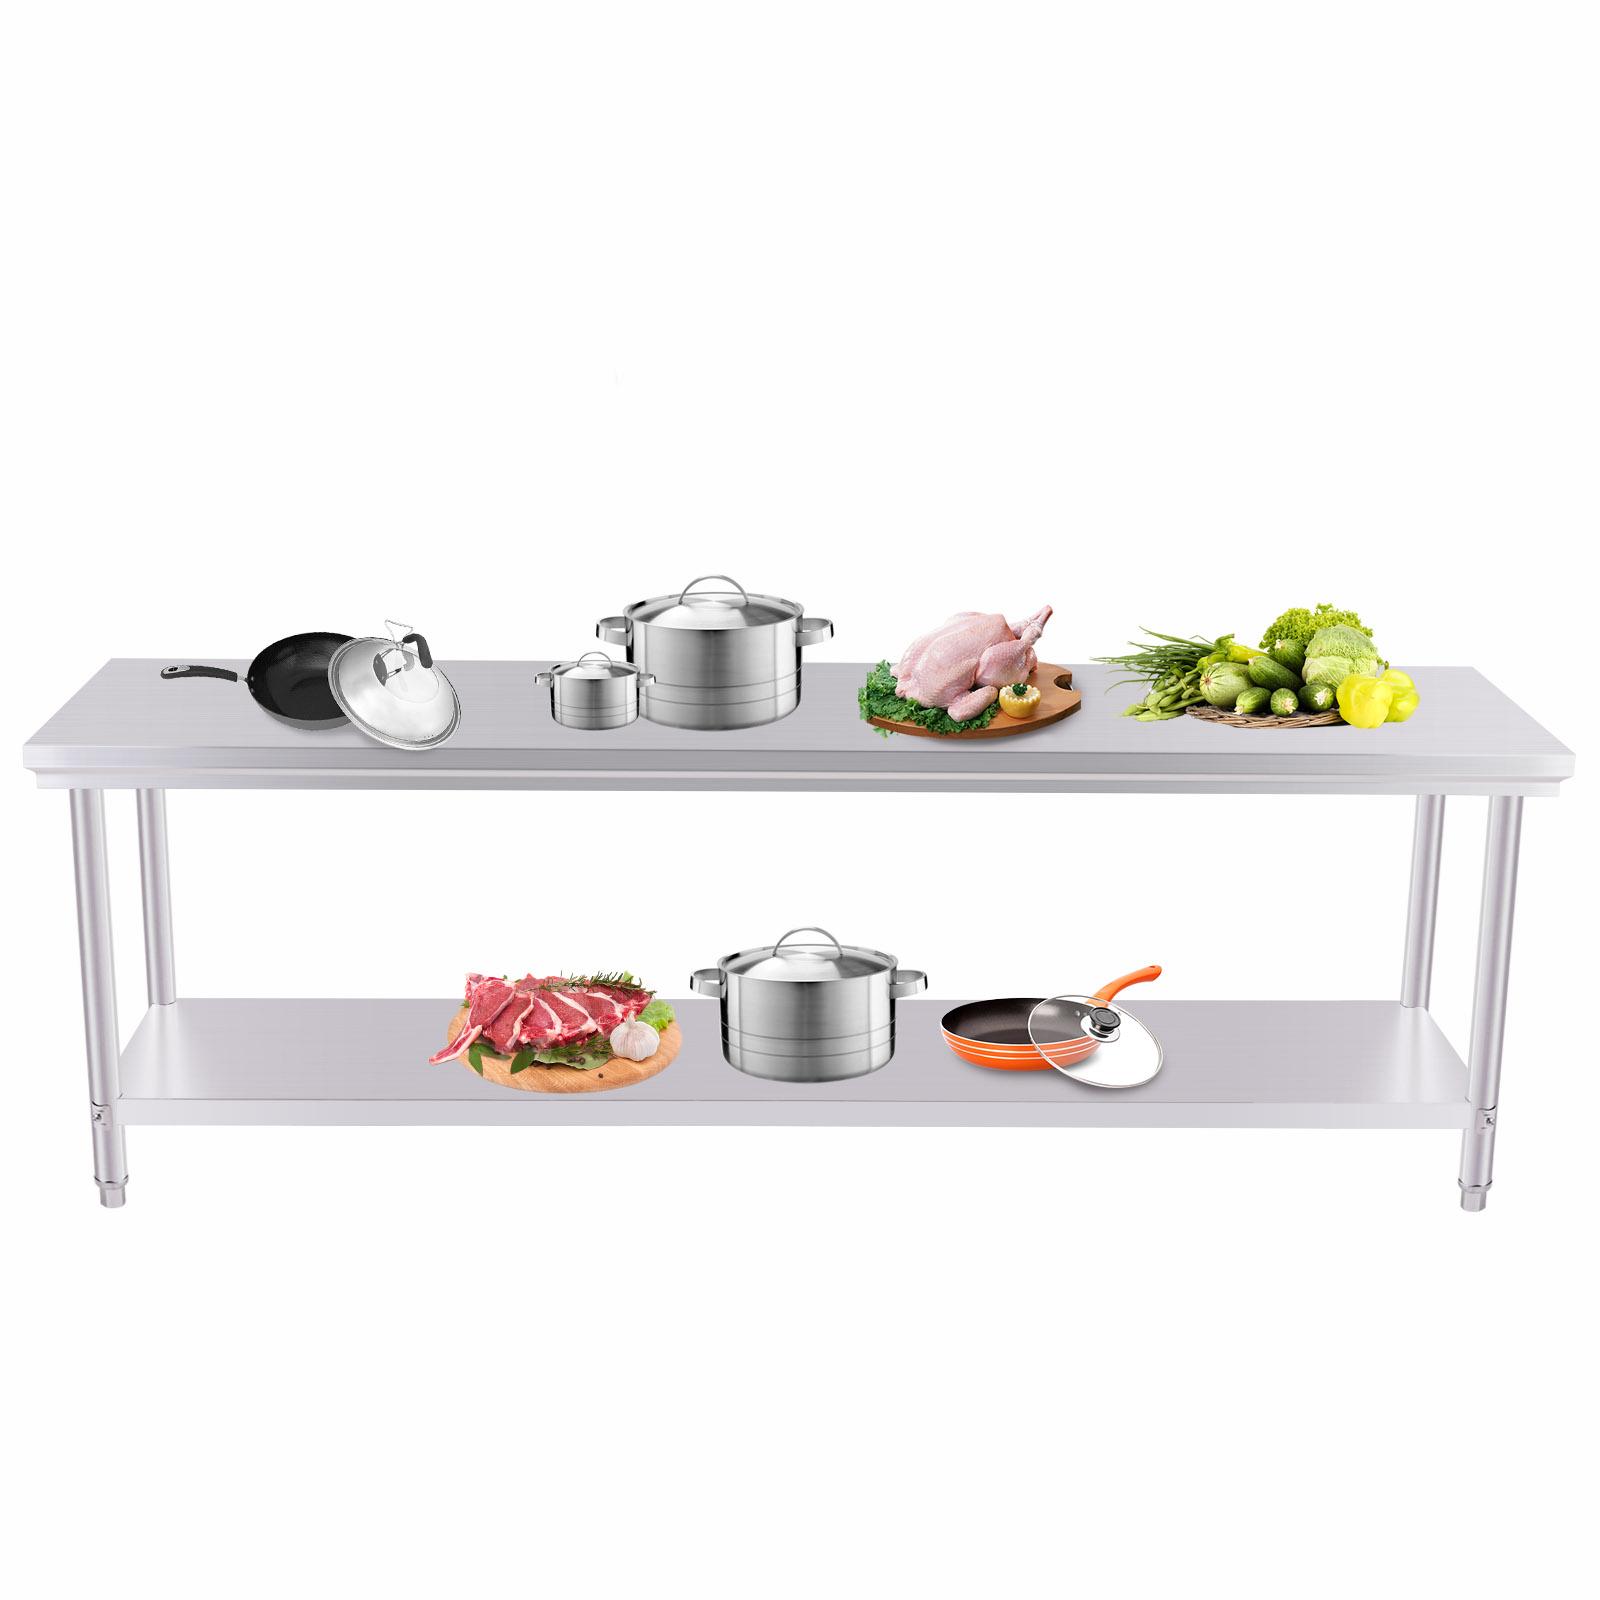 Küchentisch Edelstahl Arbeitstisch Cafeteria Rahmen Haus